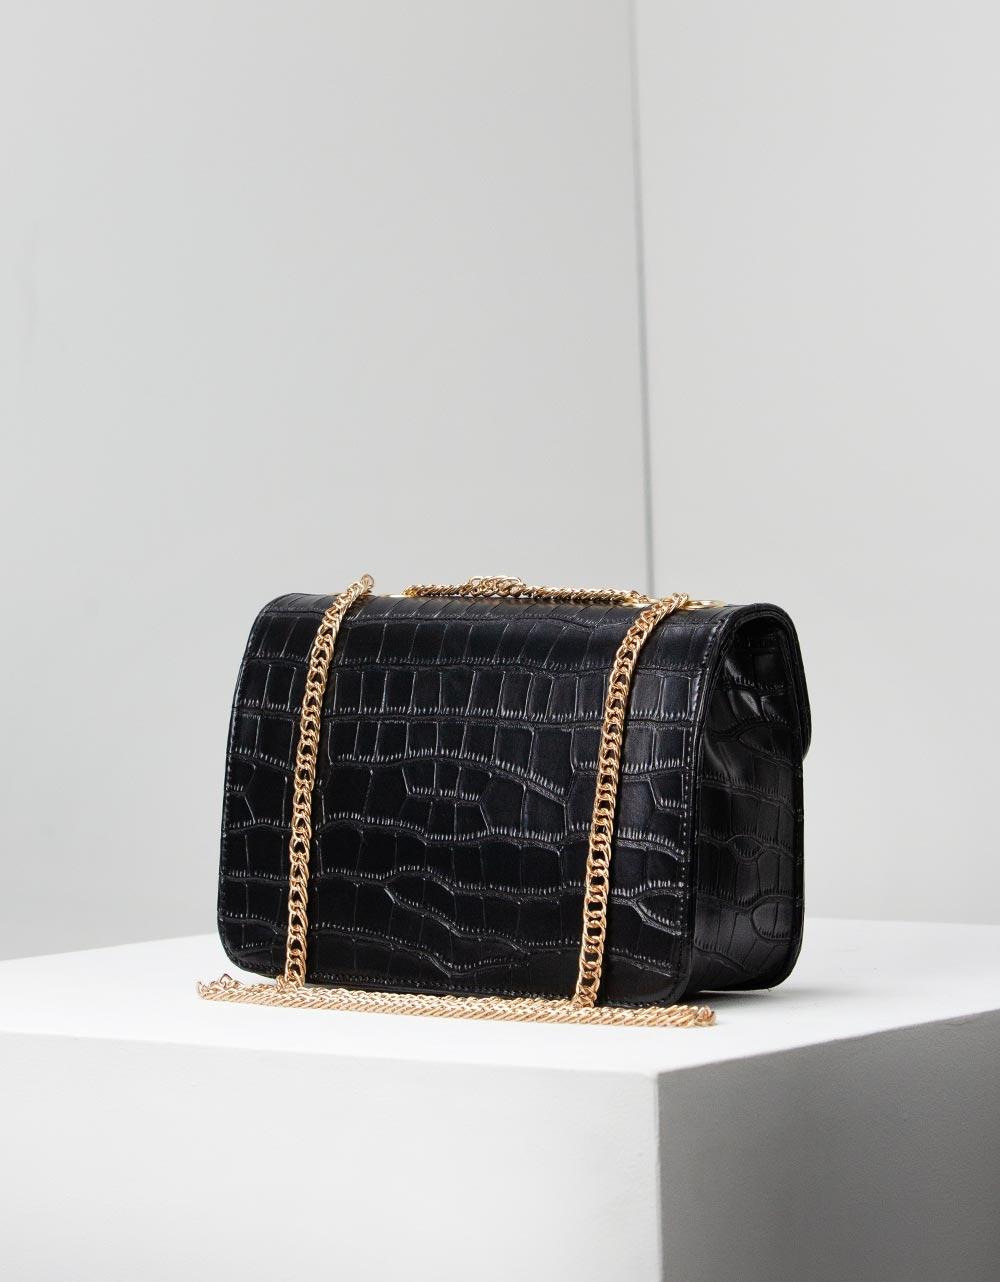 Εικόνα από Γυναικείες τσάντες ώμου με κροκό υλικό Μαύρο